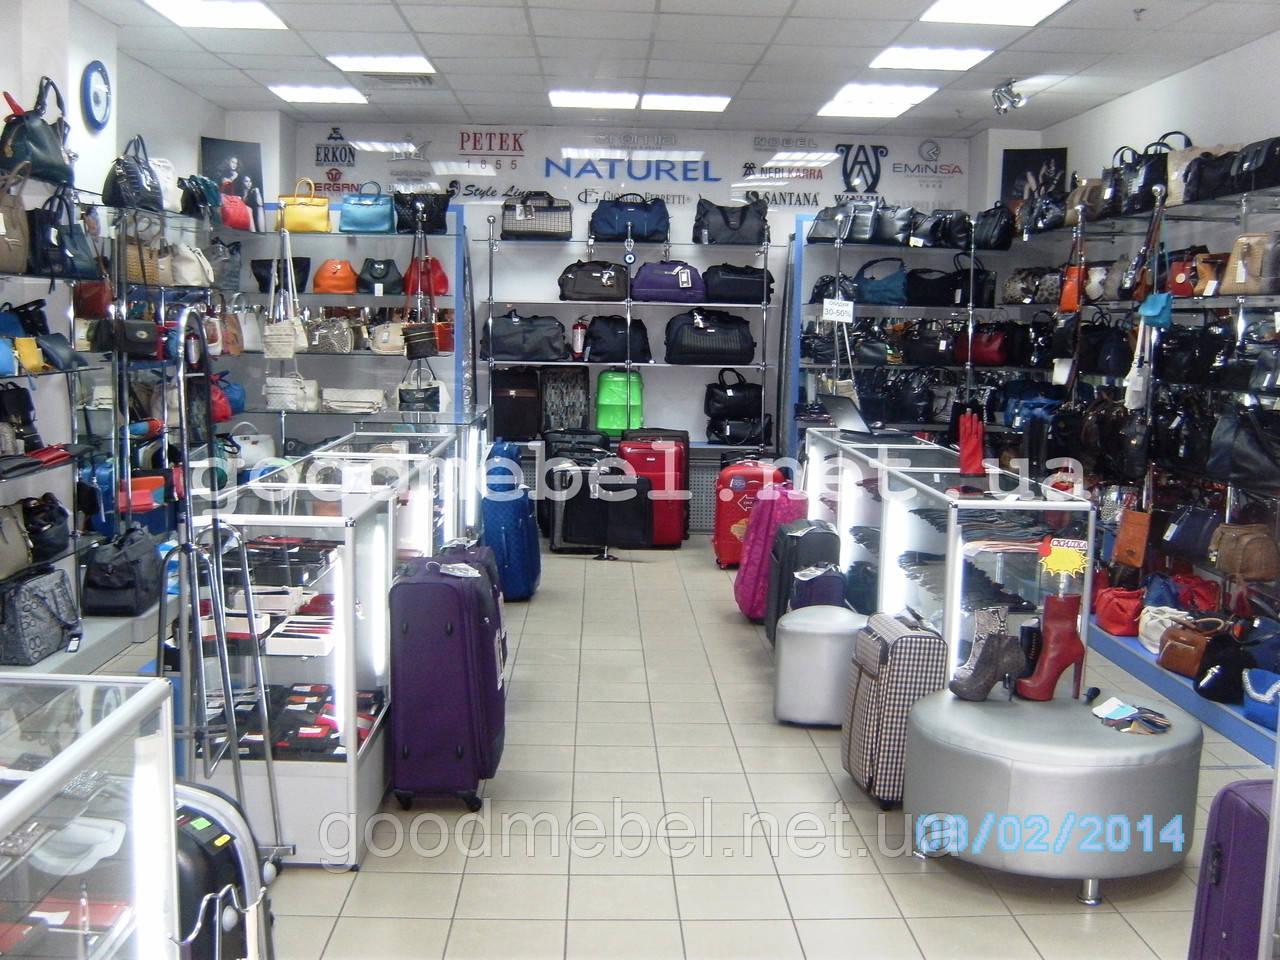 9a057ec5c384 Торговое оборудование магазина сумок и аксессуаров. - ГУДМЕБЕЛЬ торговое